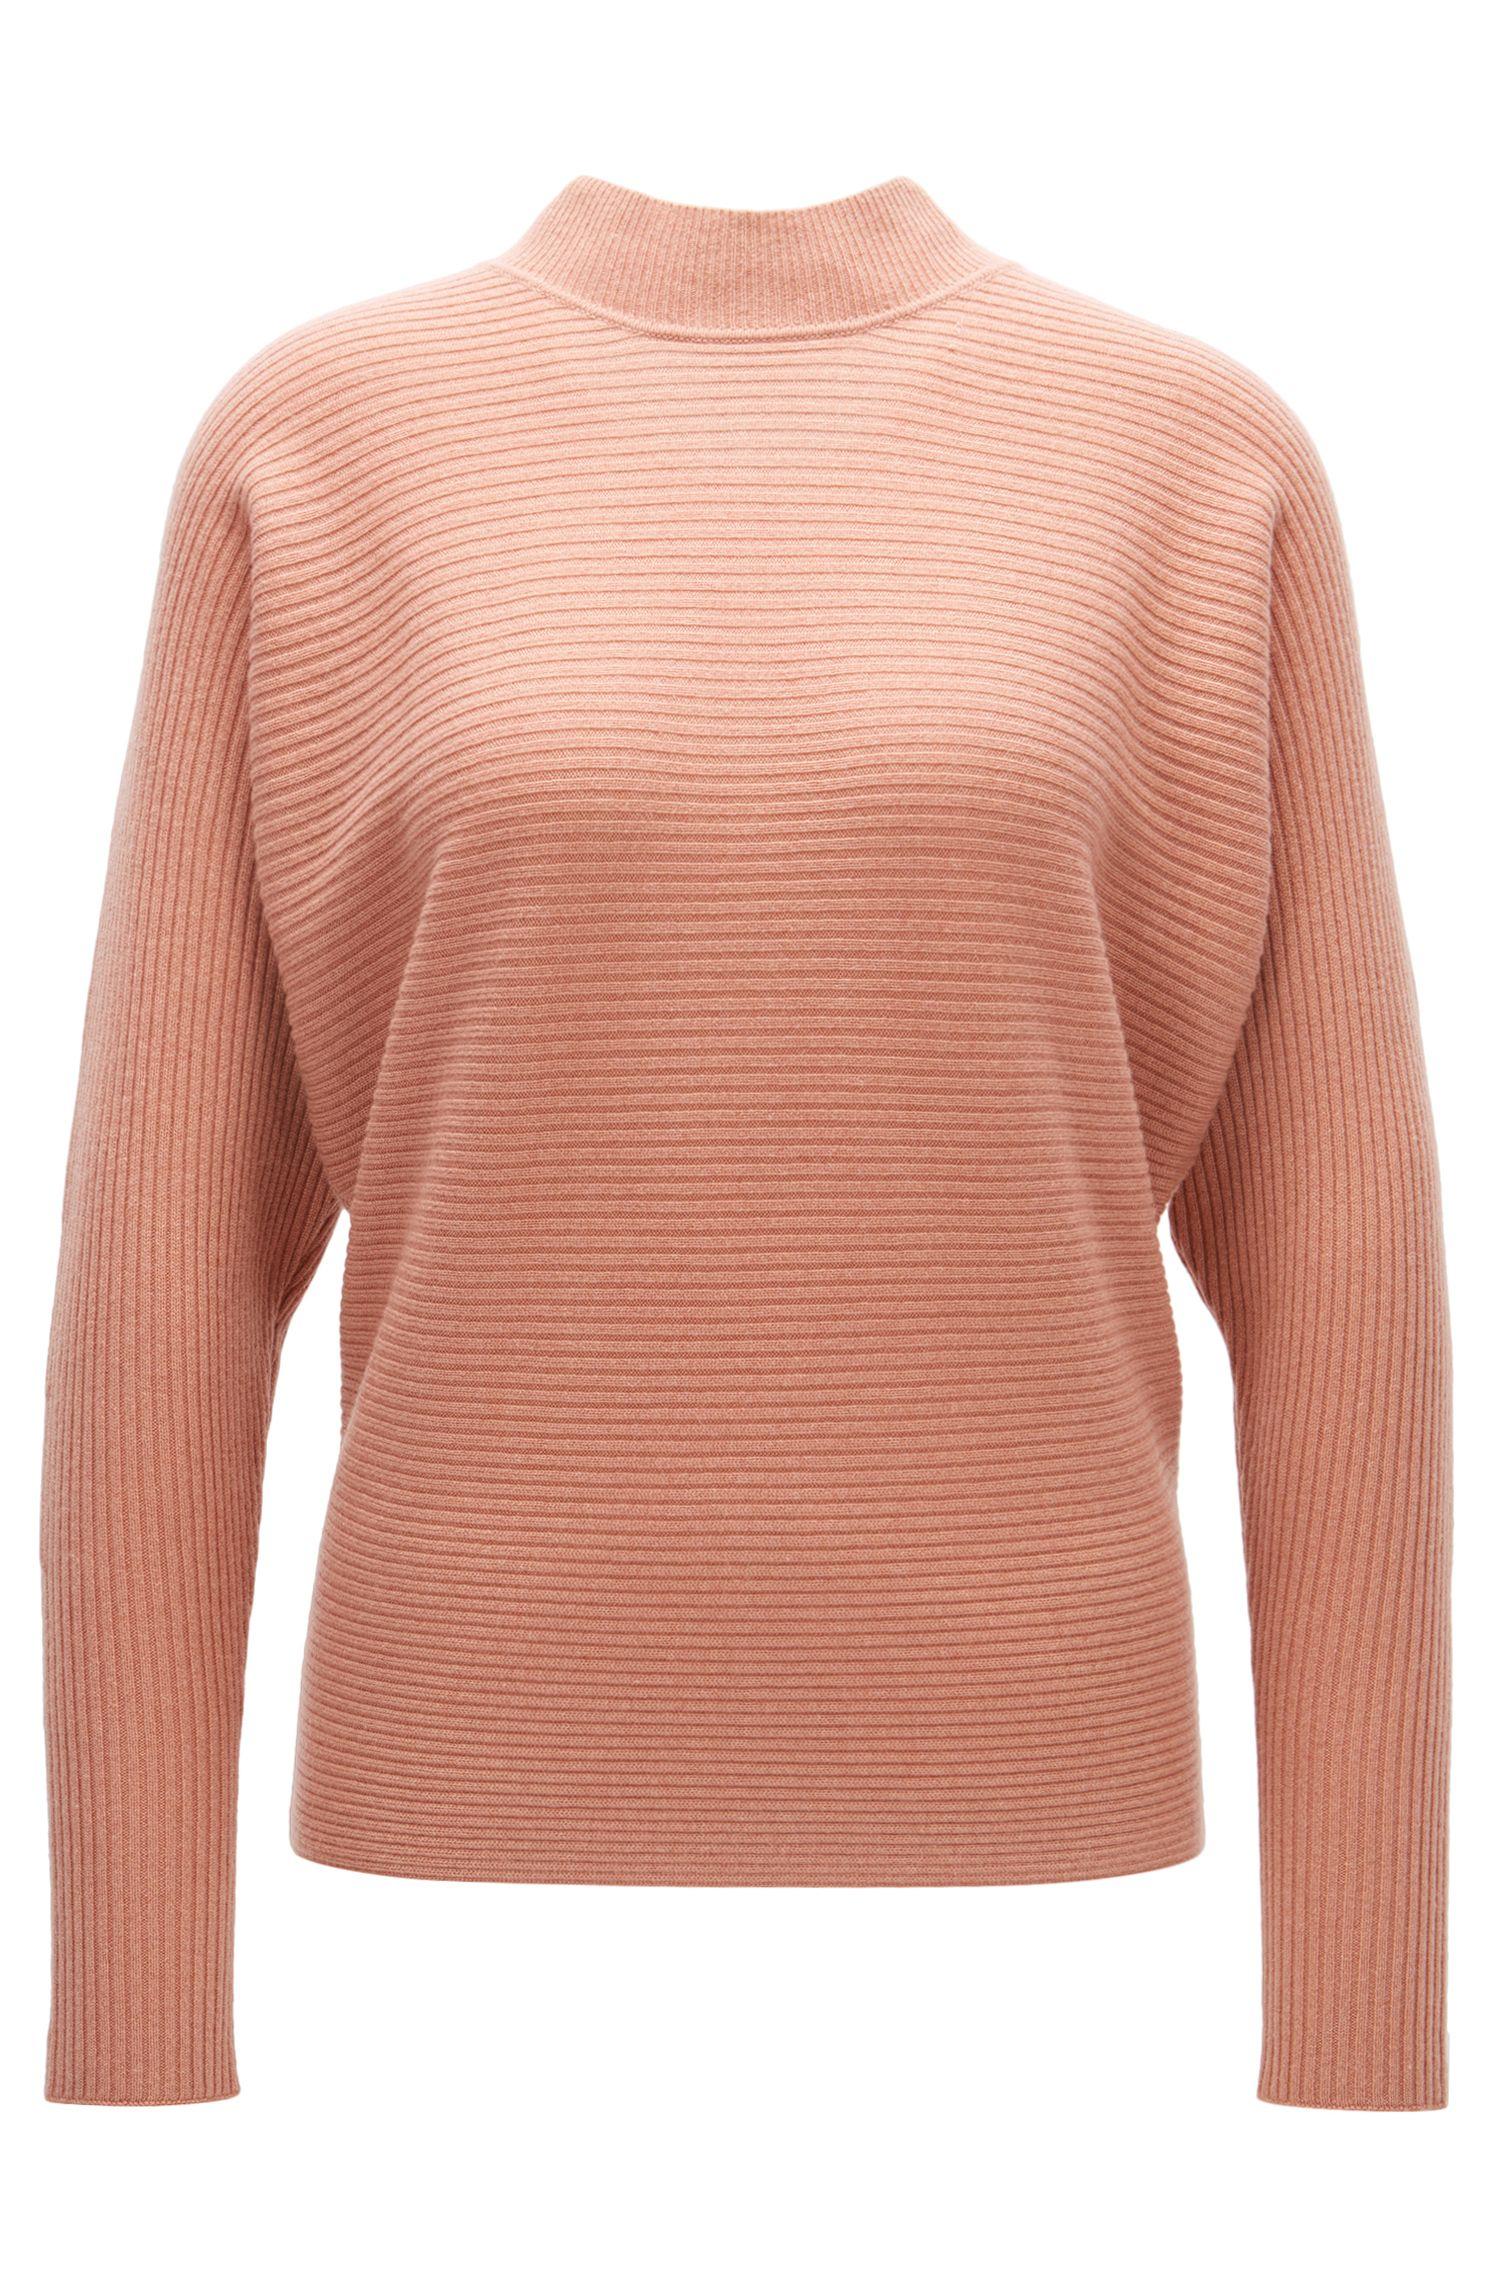 Gerippter Relaxed-Fit Pullover aus reinem Kaschmir